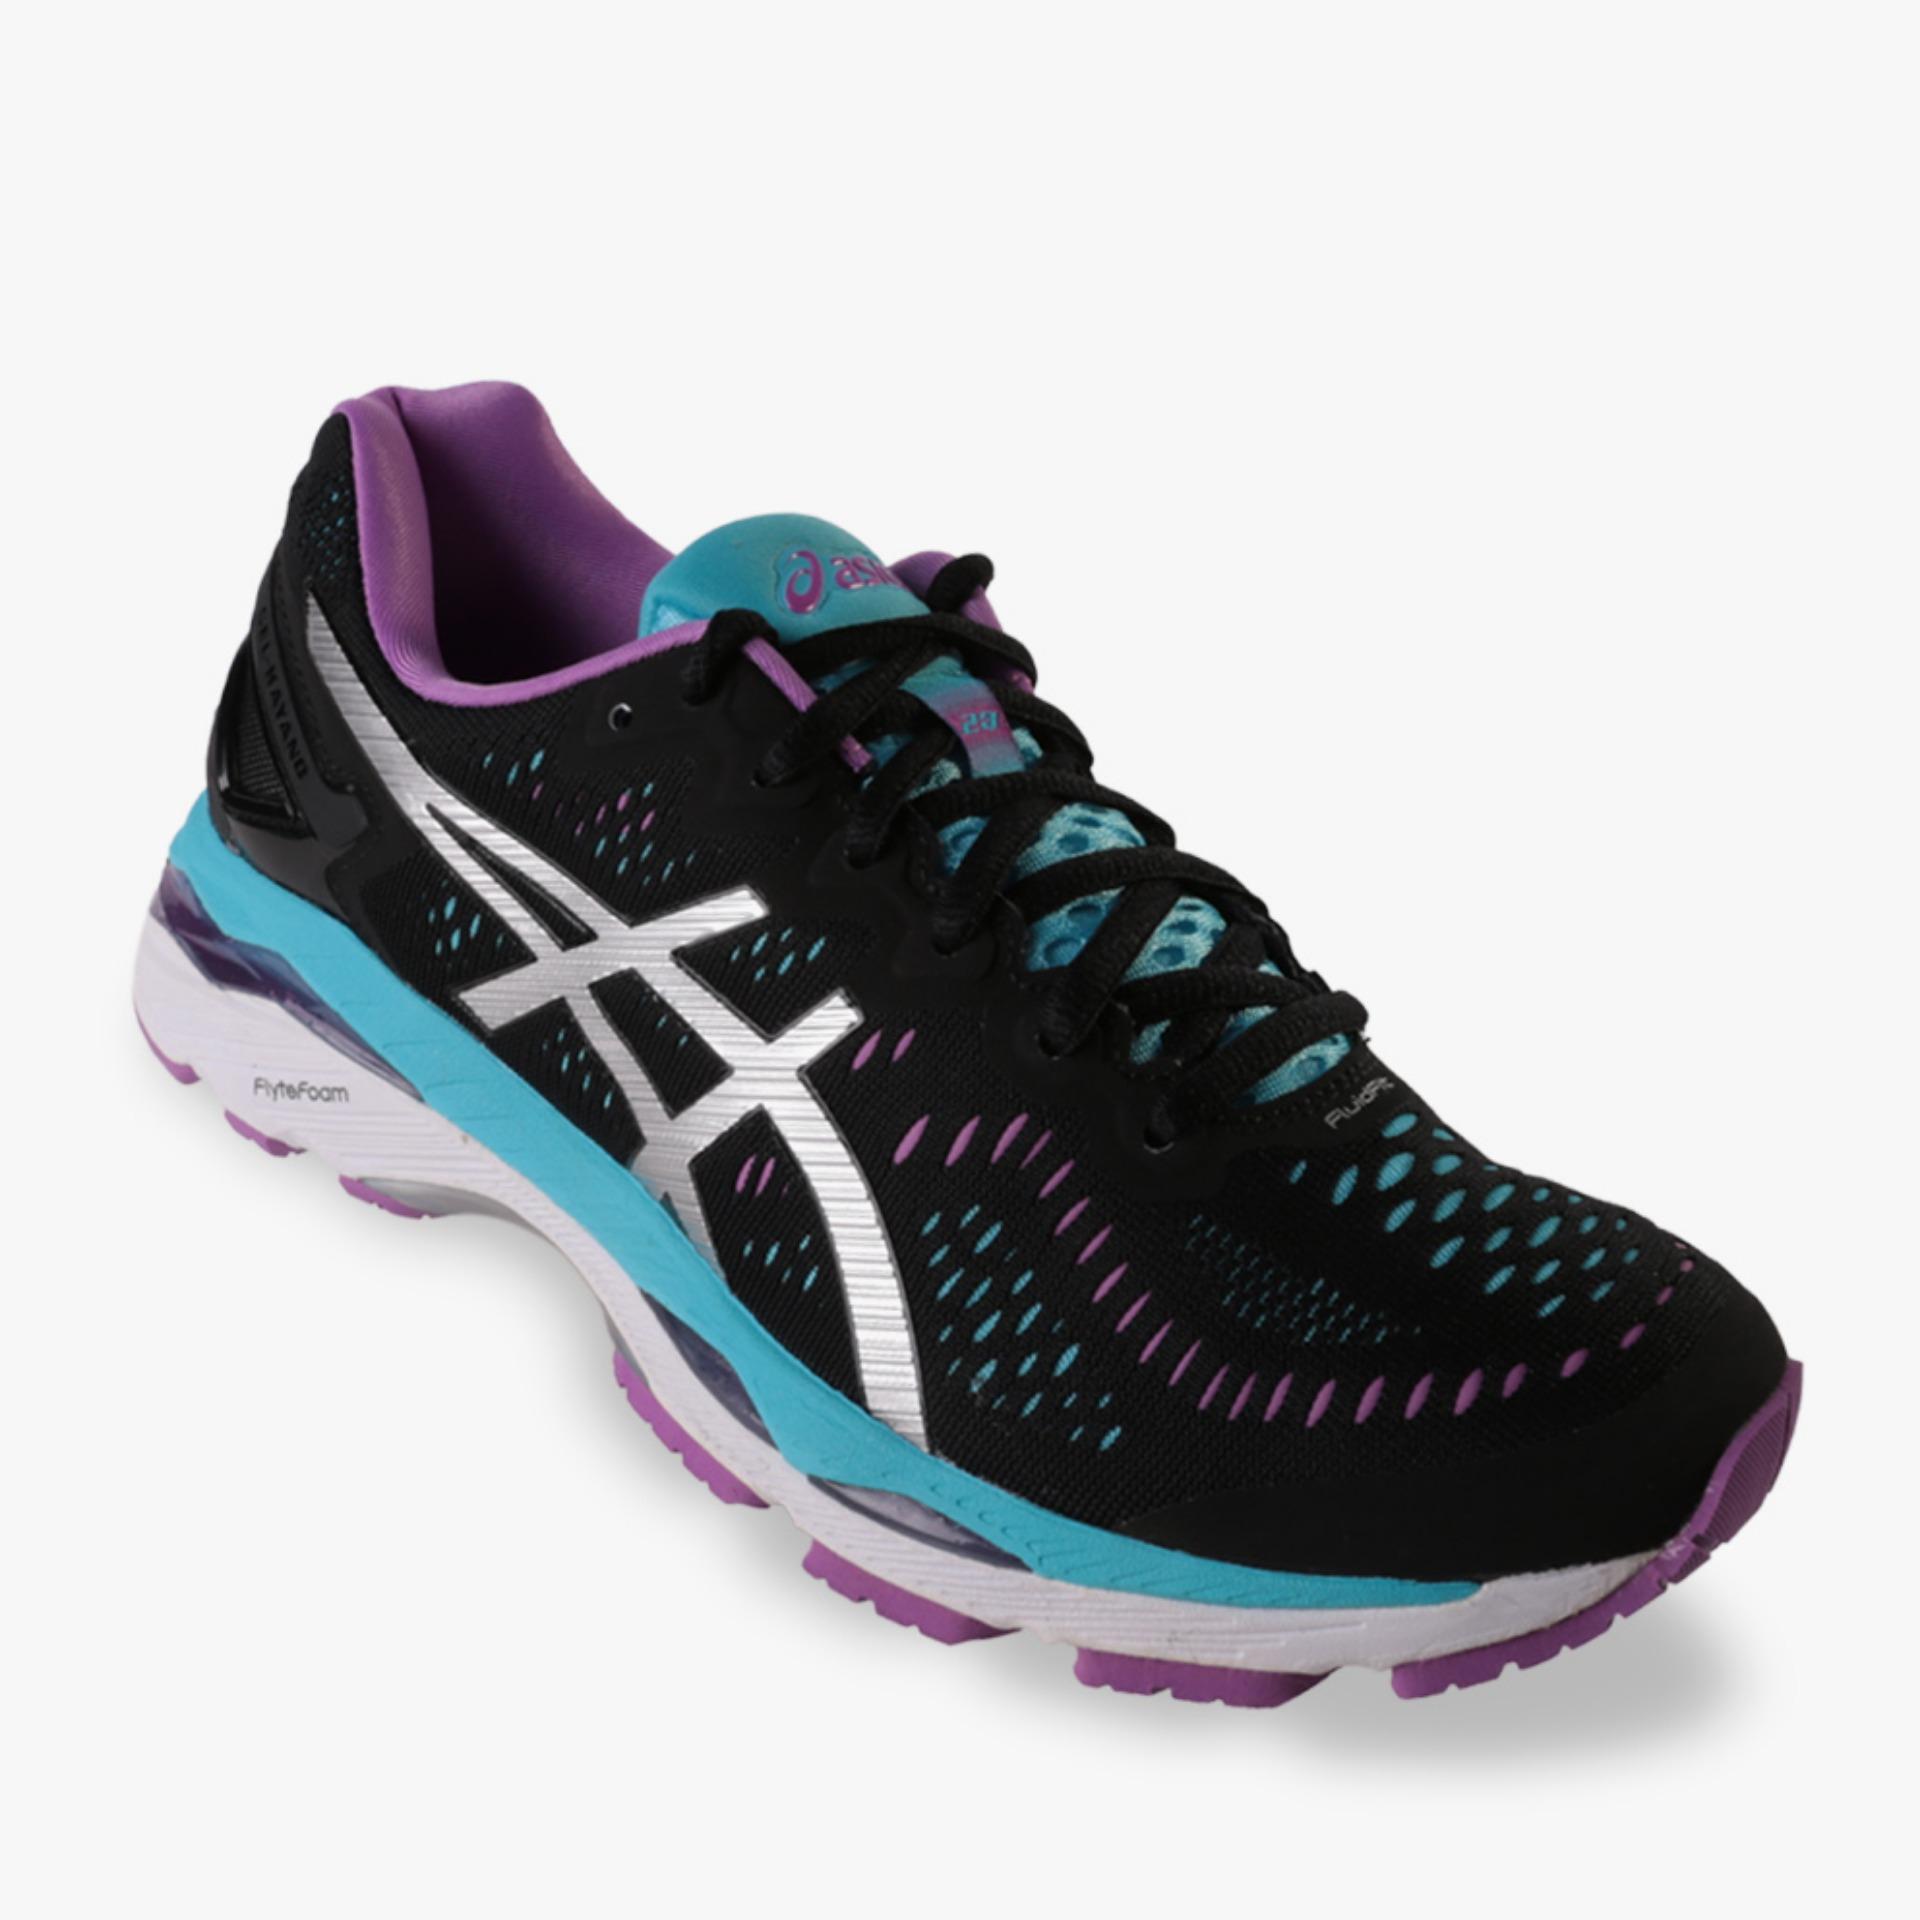 Jual Aiscs Gel Kayano 23 Women S Running Shoes Hitam Grosir